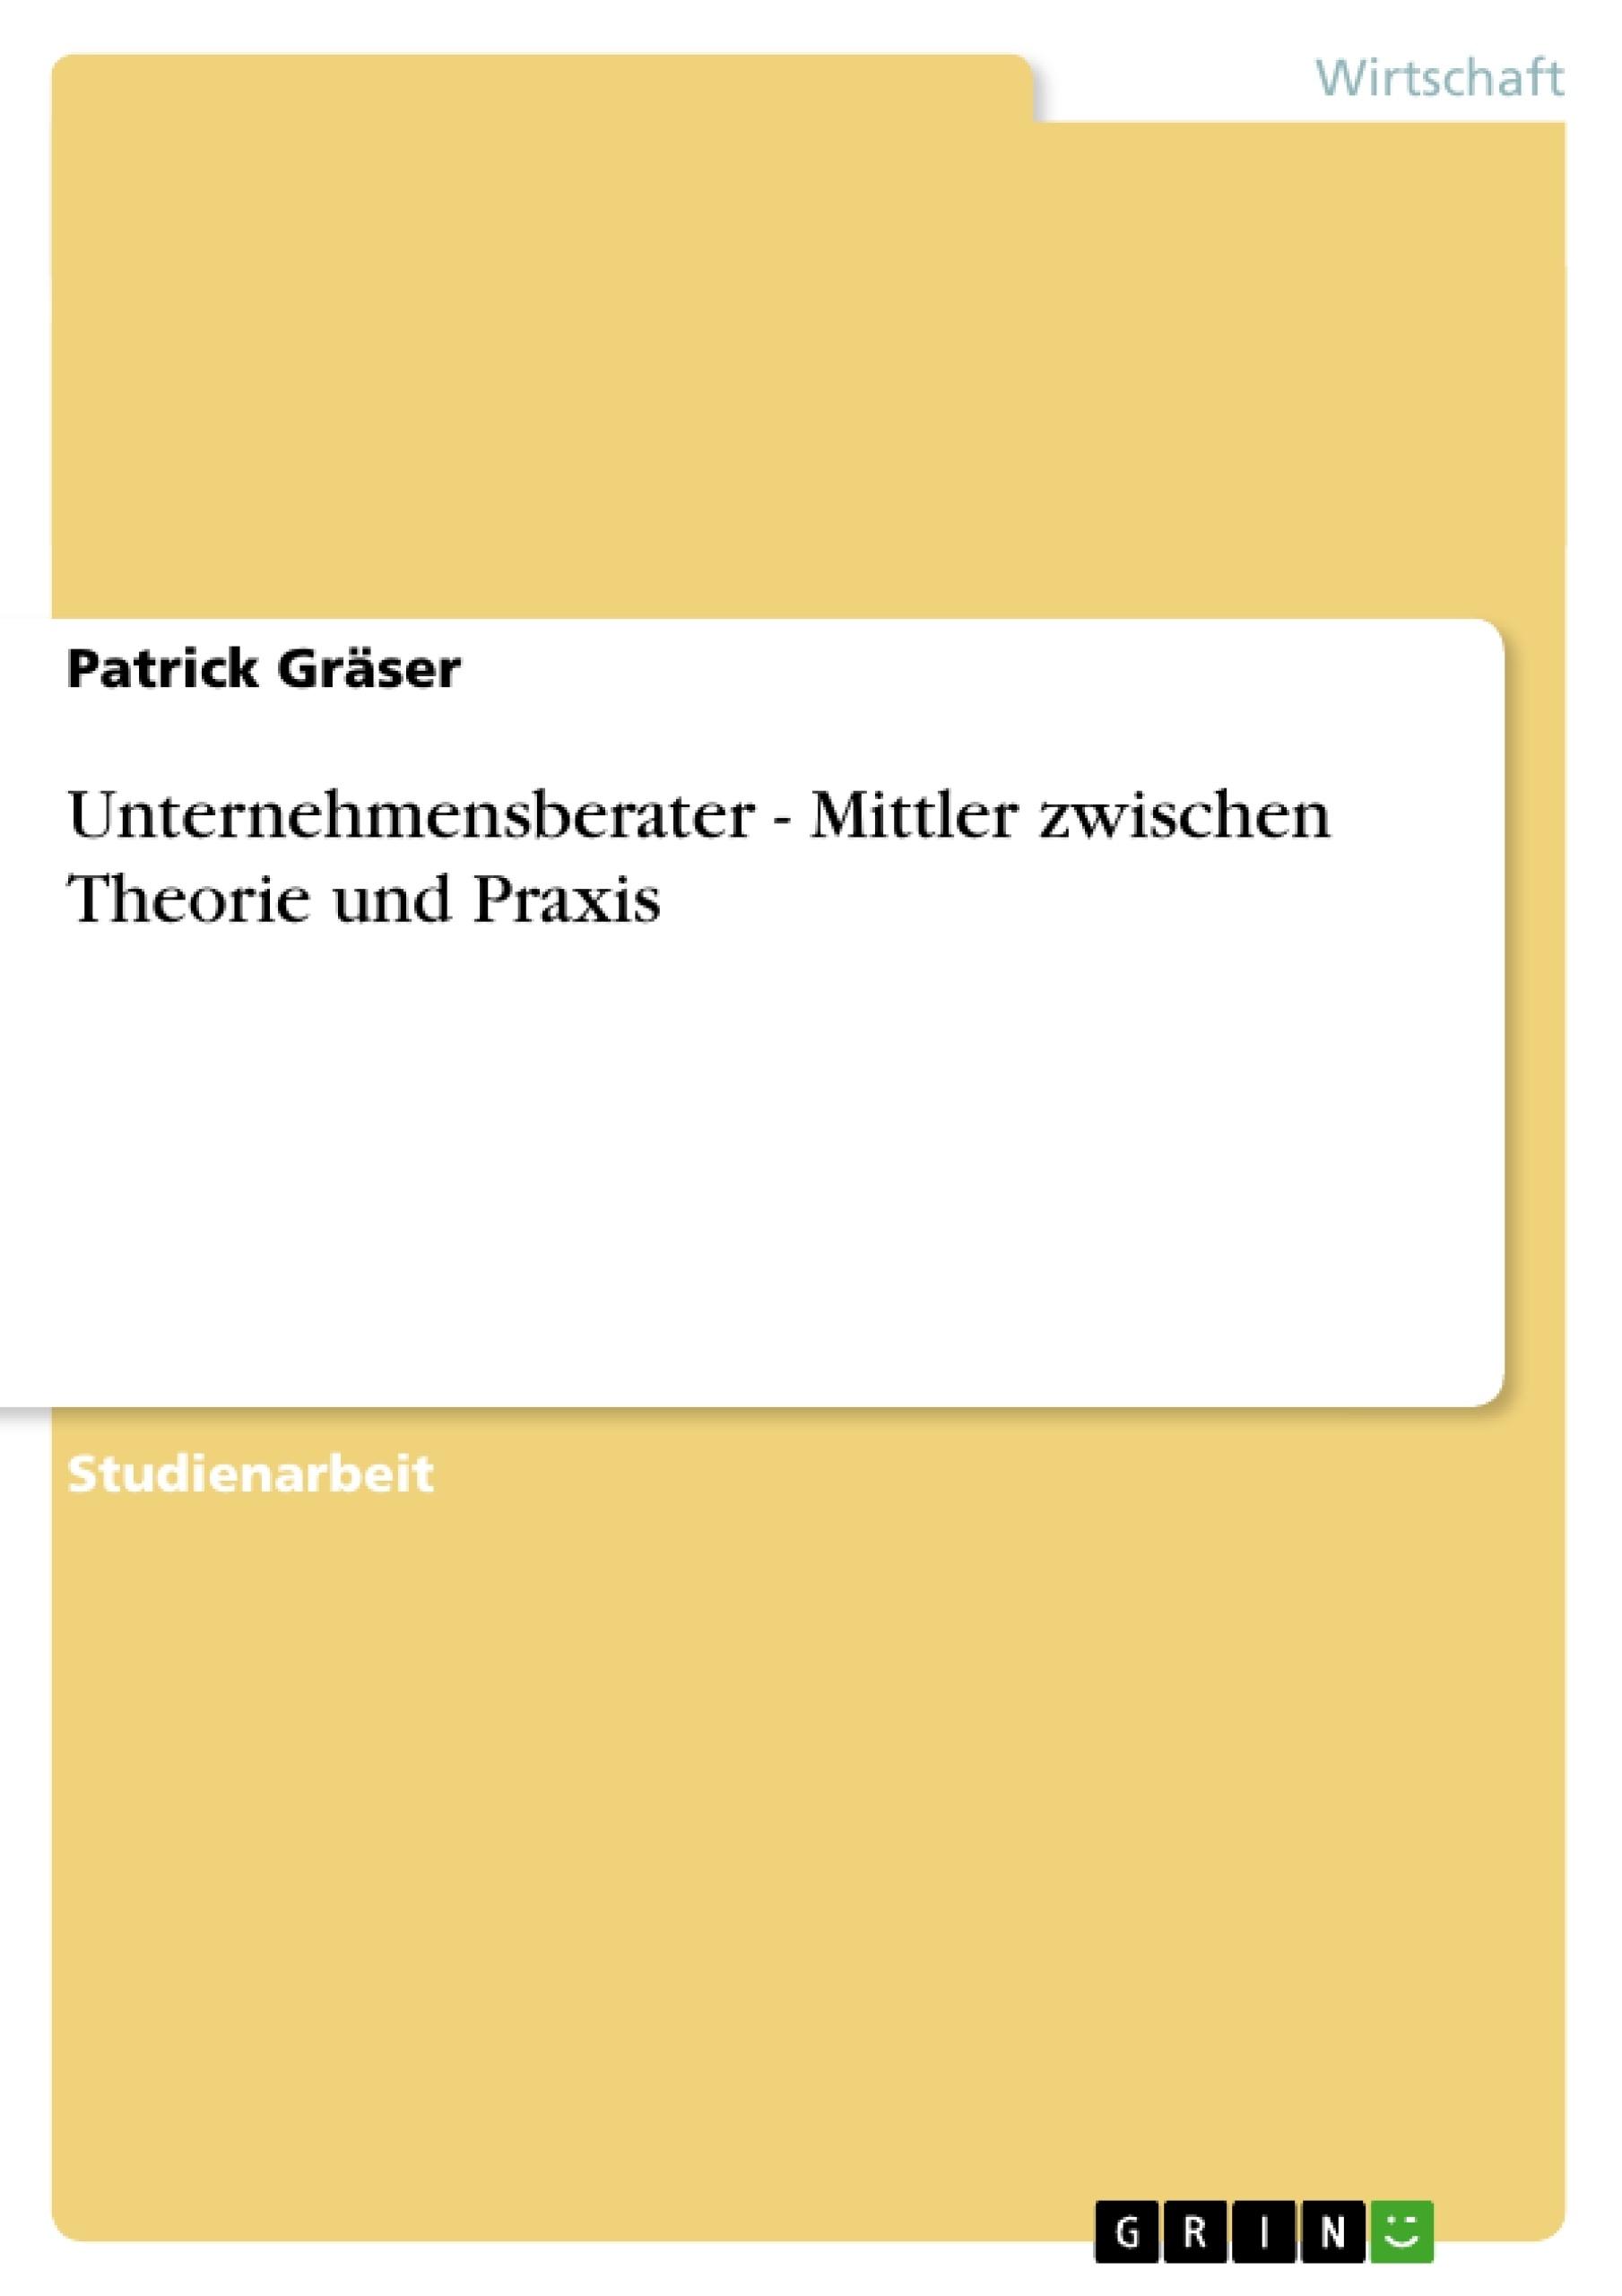 Titel: Unternehmensberater  -  Mittler zwischen Theorie und Praxis